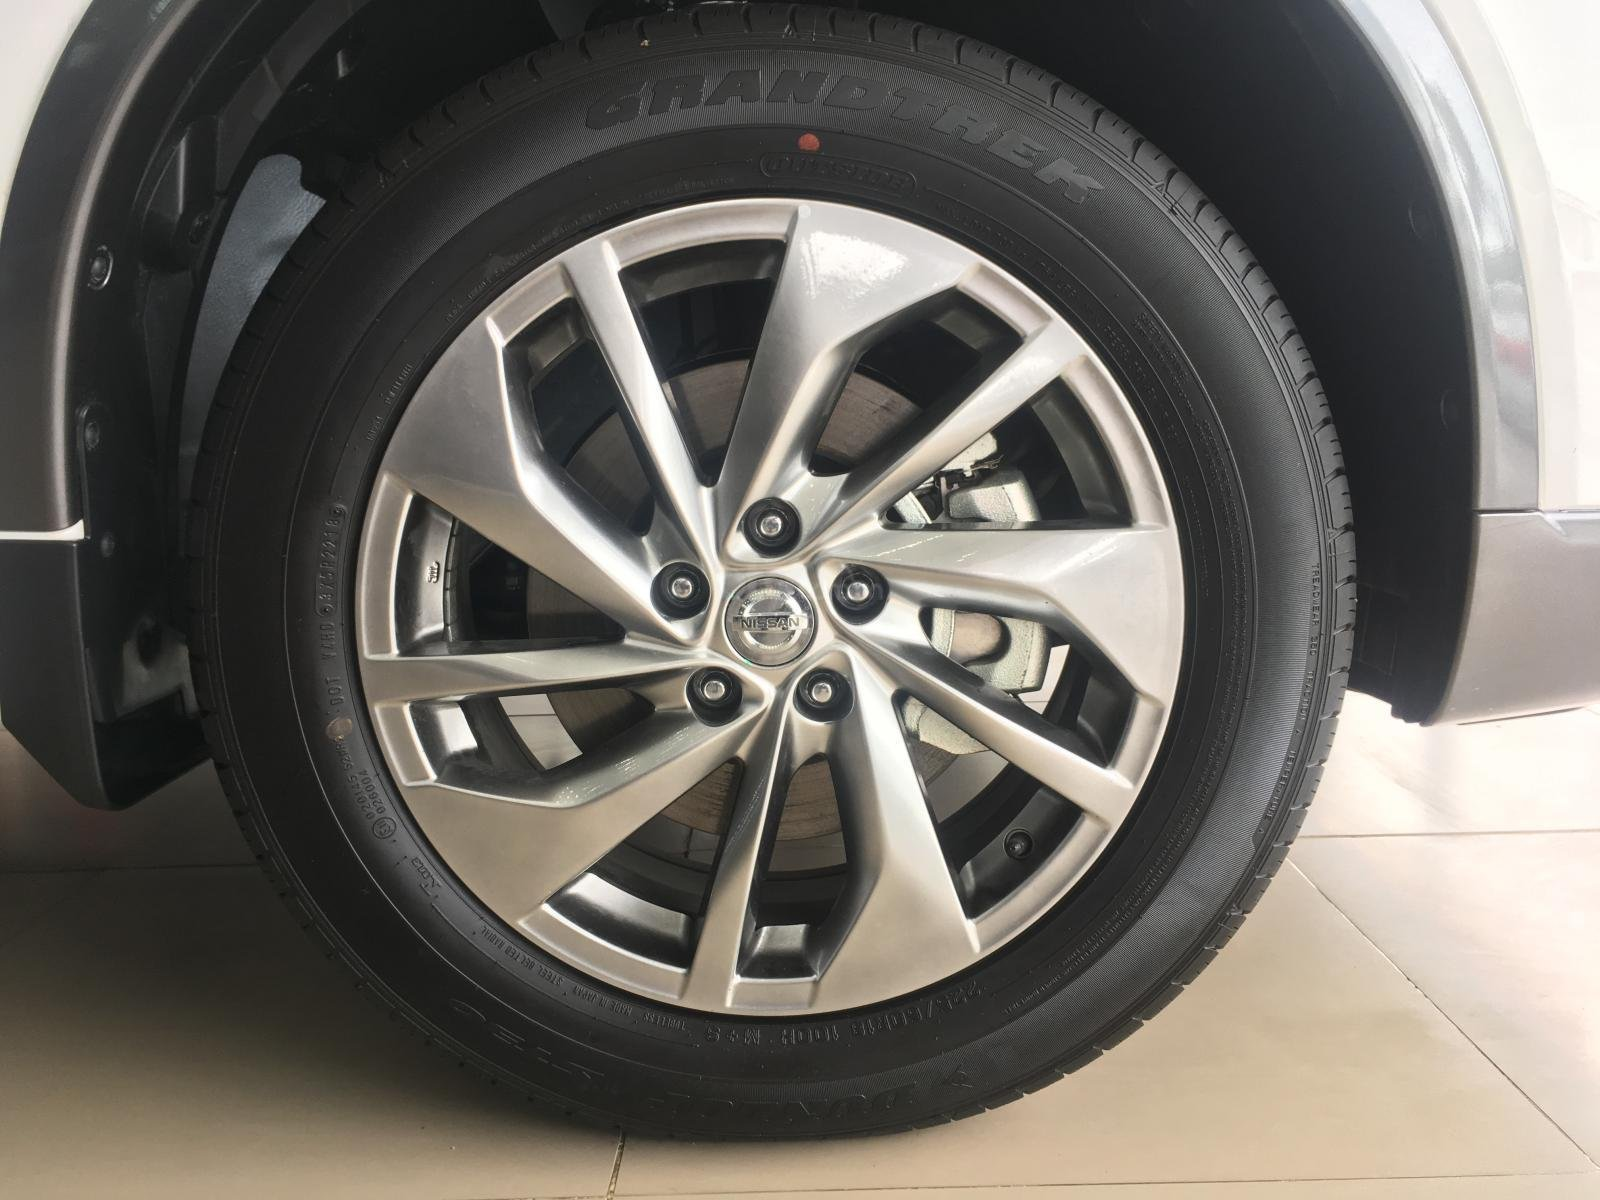 Bán ô tô Nissan X trail 2.0 Luxury 2019, màu trắng giá tốt nhất (2)